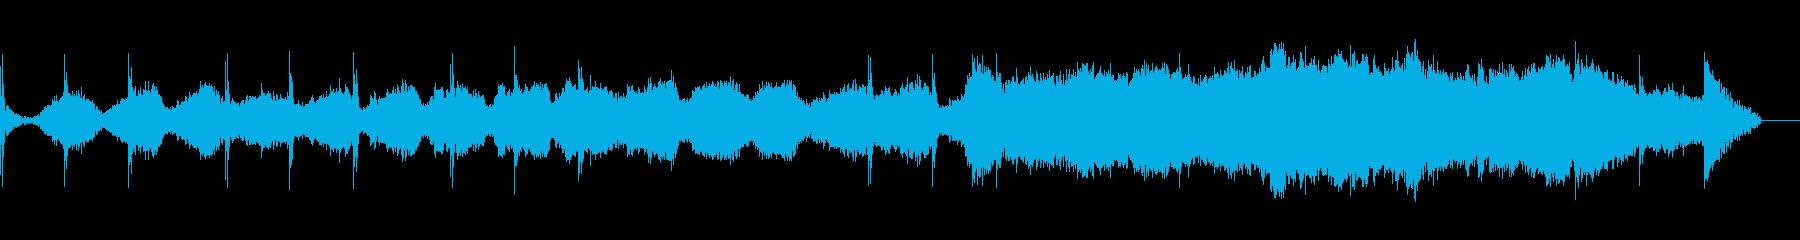 映画オーケストラ。壮大なインスピレ...の再生済みの波形